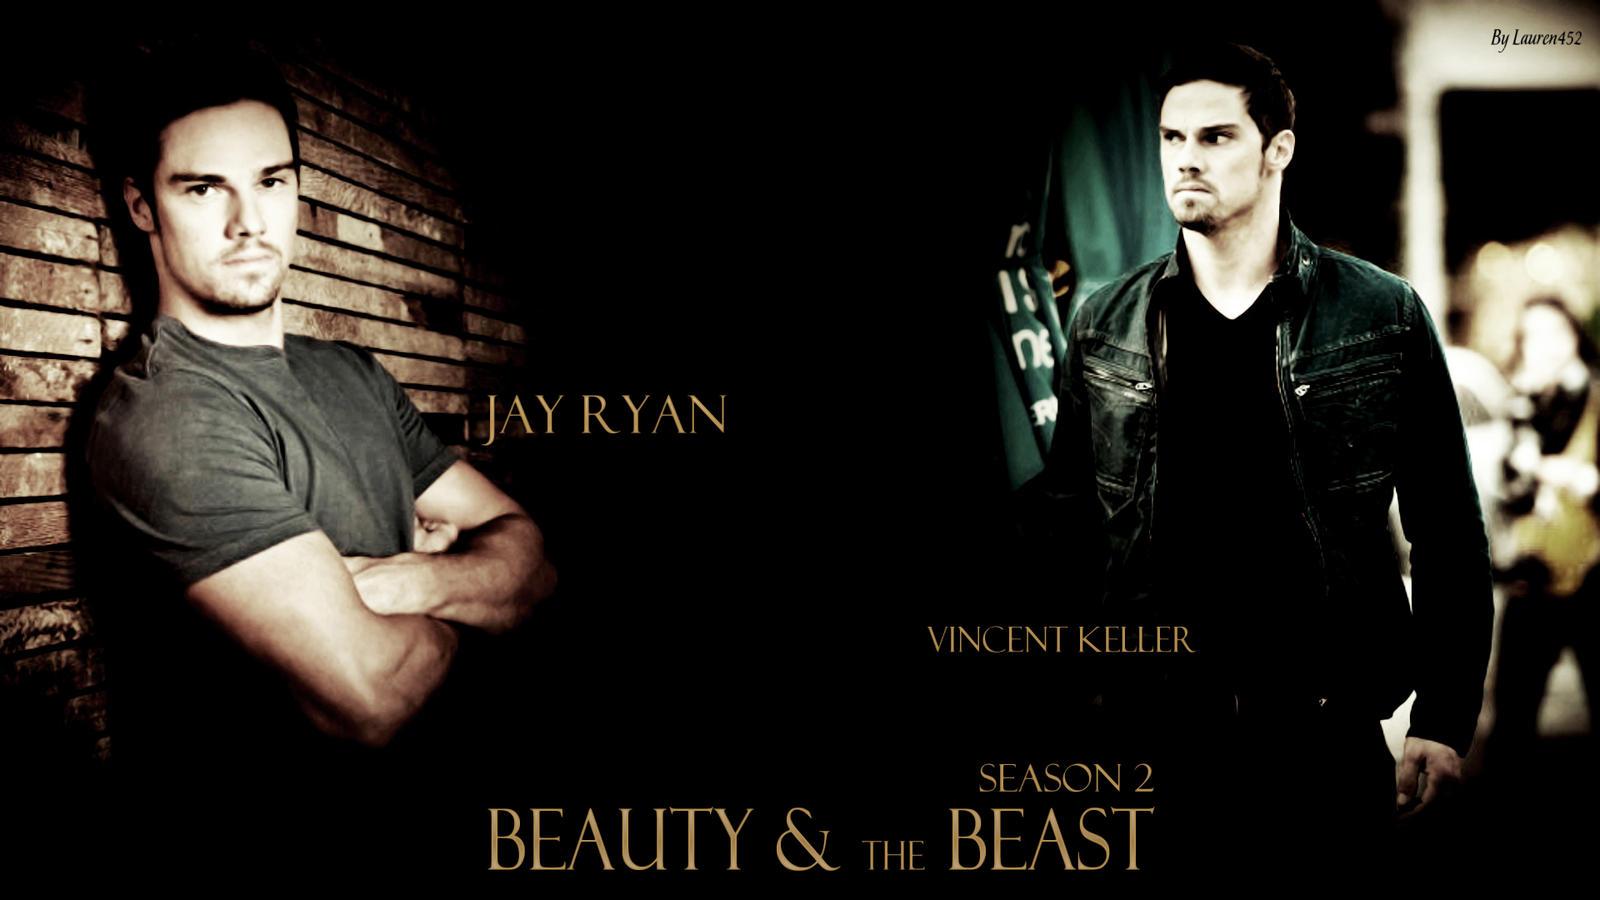 Jay Ryan Vincent Keller By Lauren452